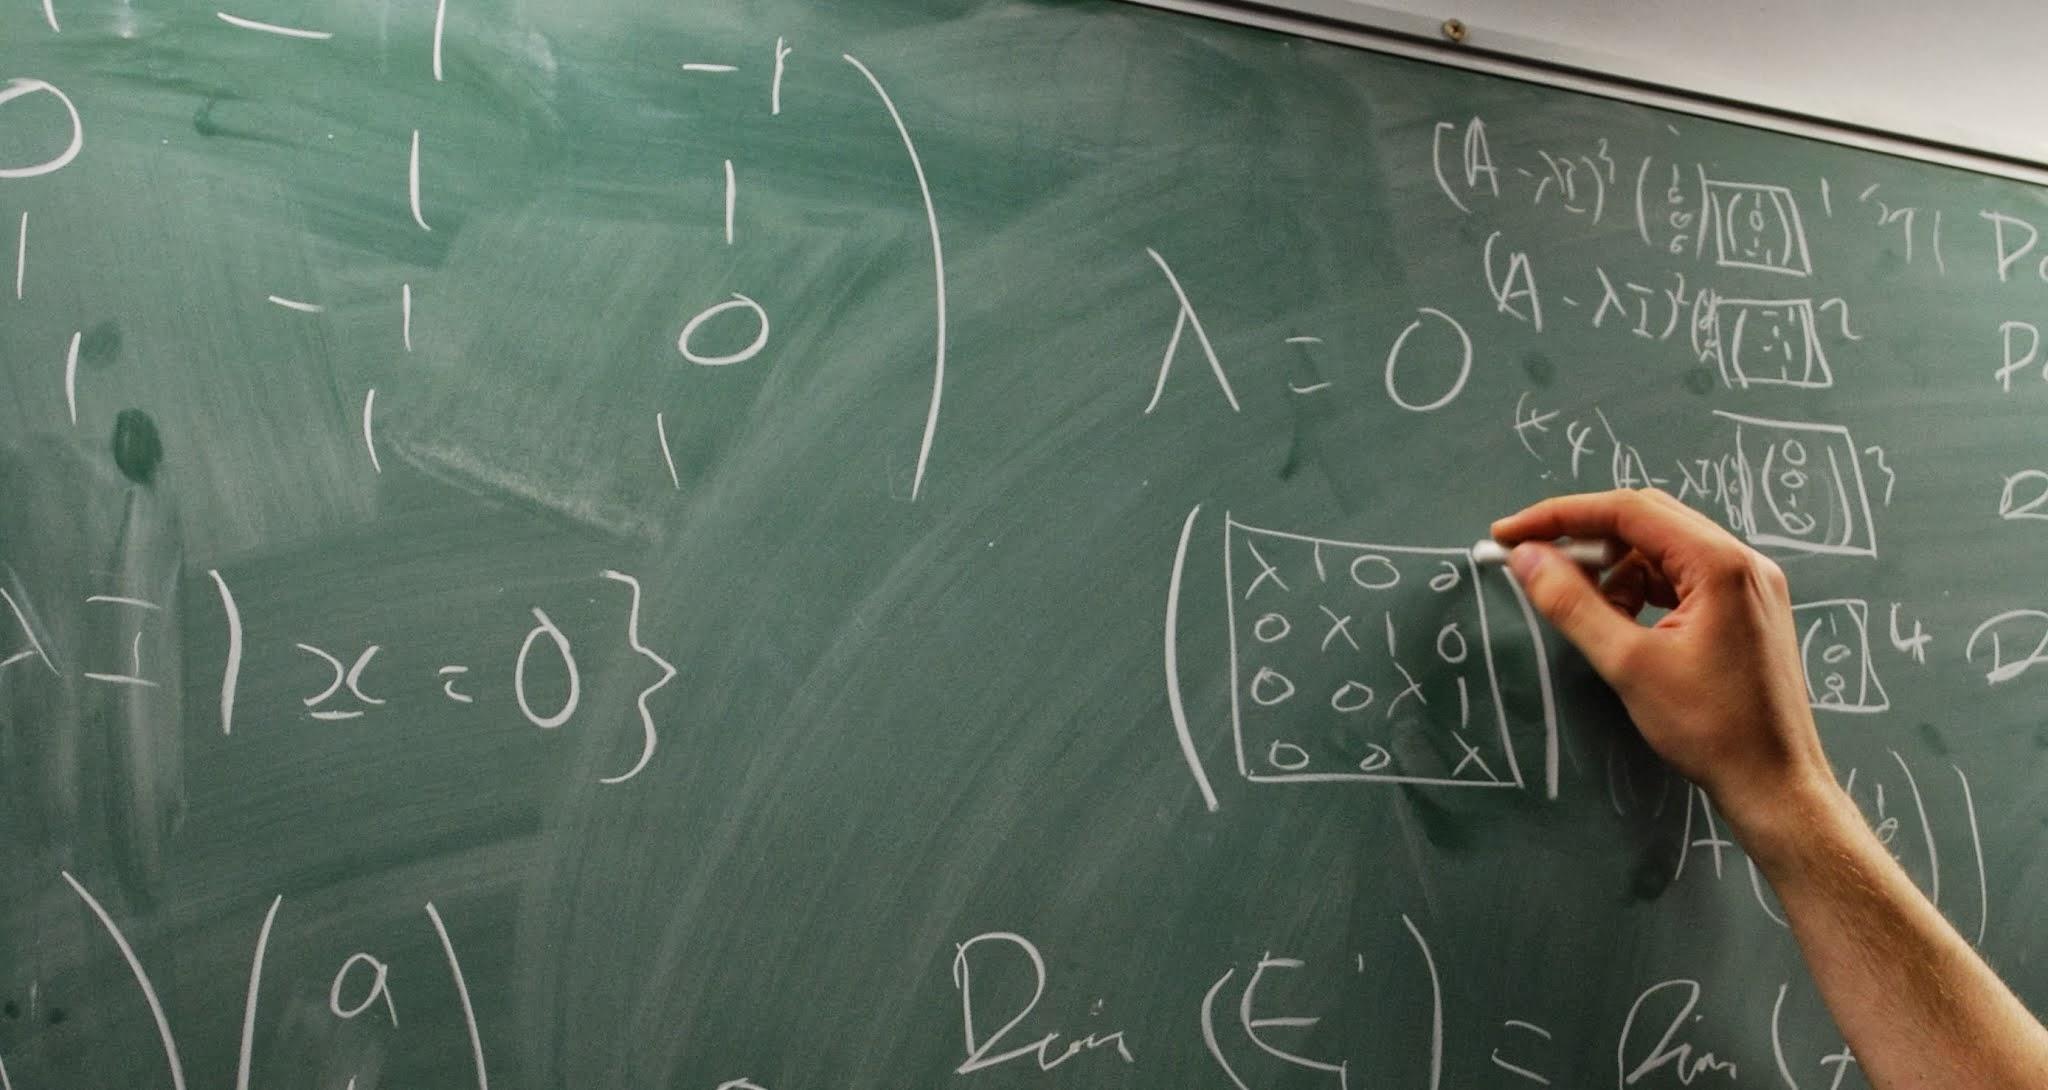 math-quiz-hd-wallpaper-20 - De Fontein te Sneek